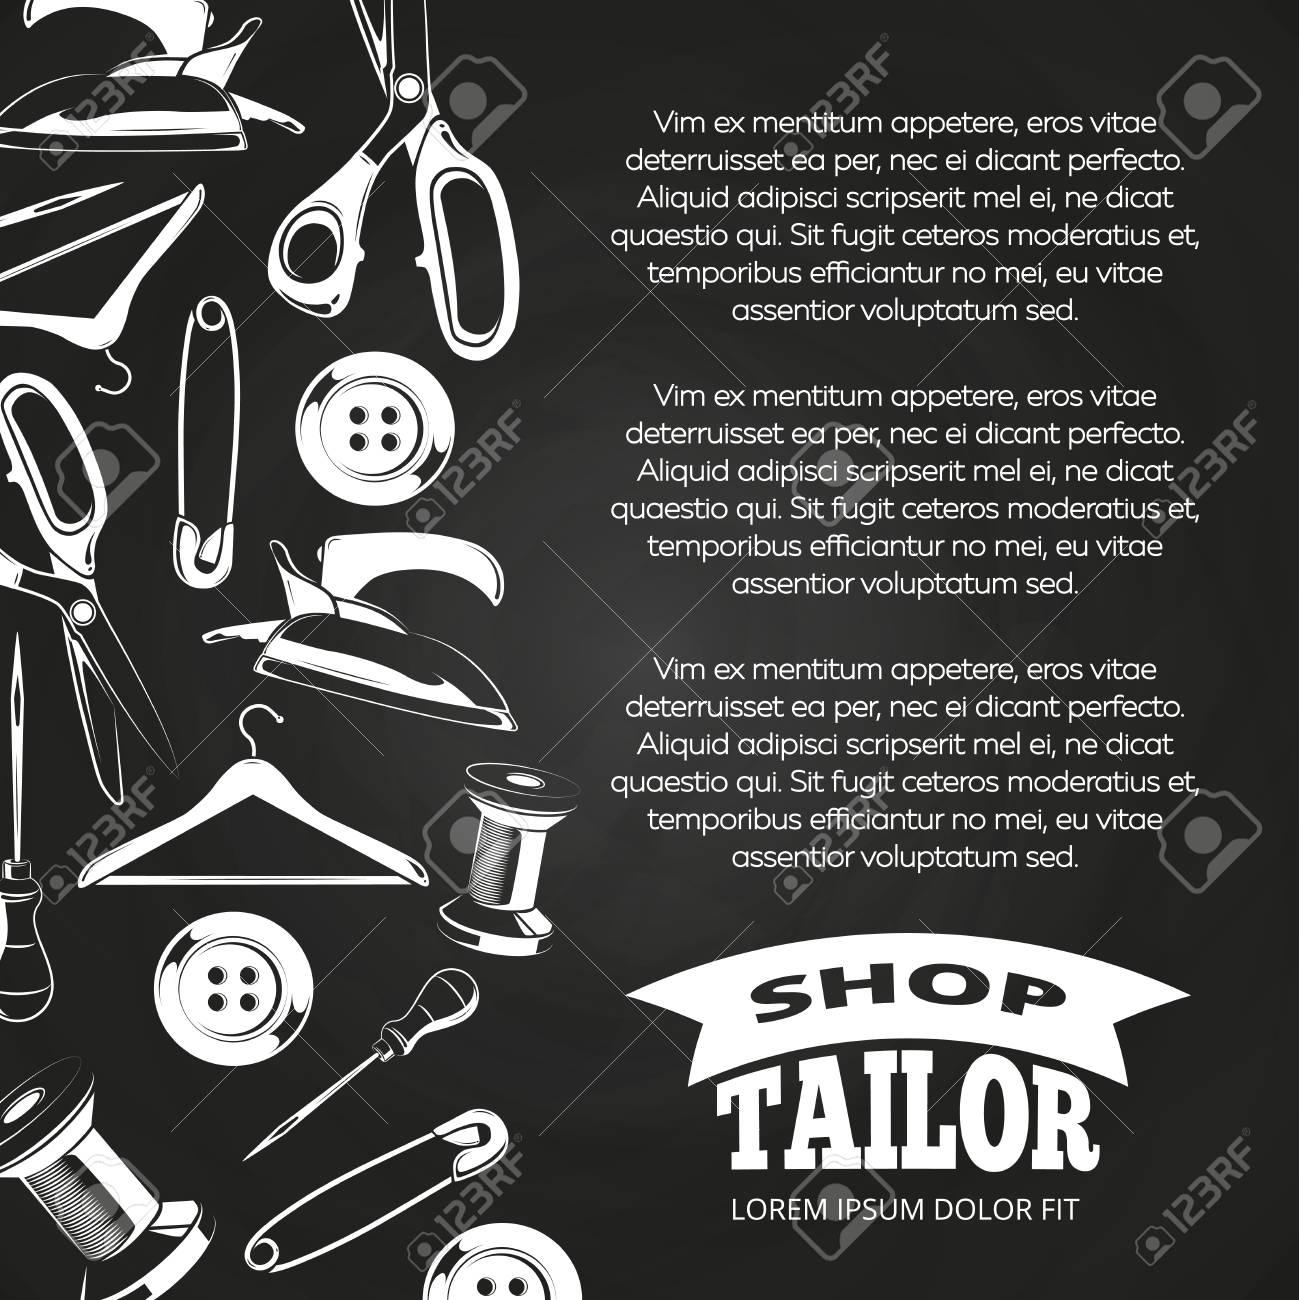 Affiche de tableau de service de tailleur avec bouton, ciseaux, épingle. Illustration vectorielle